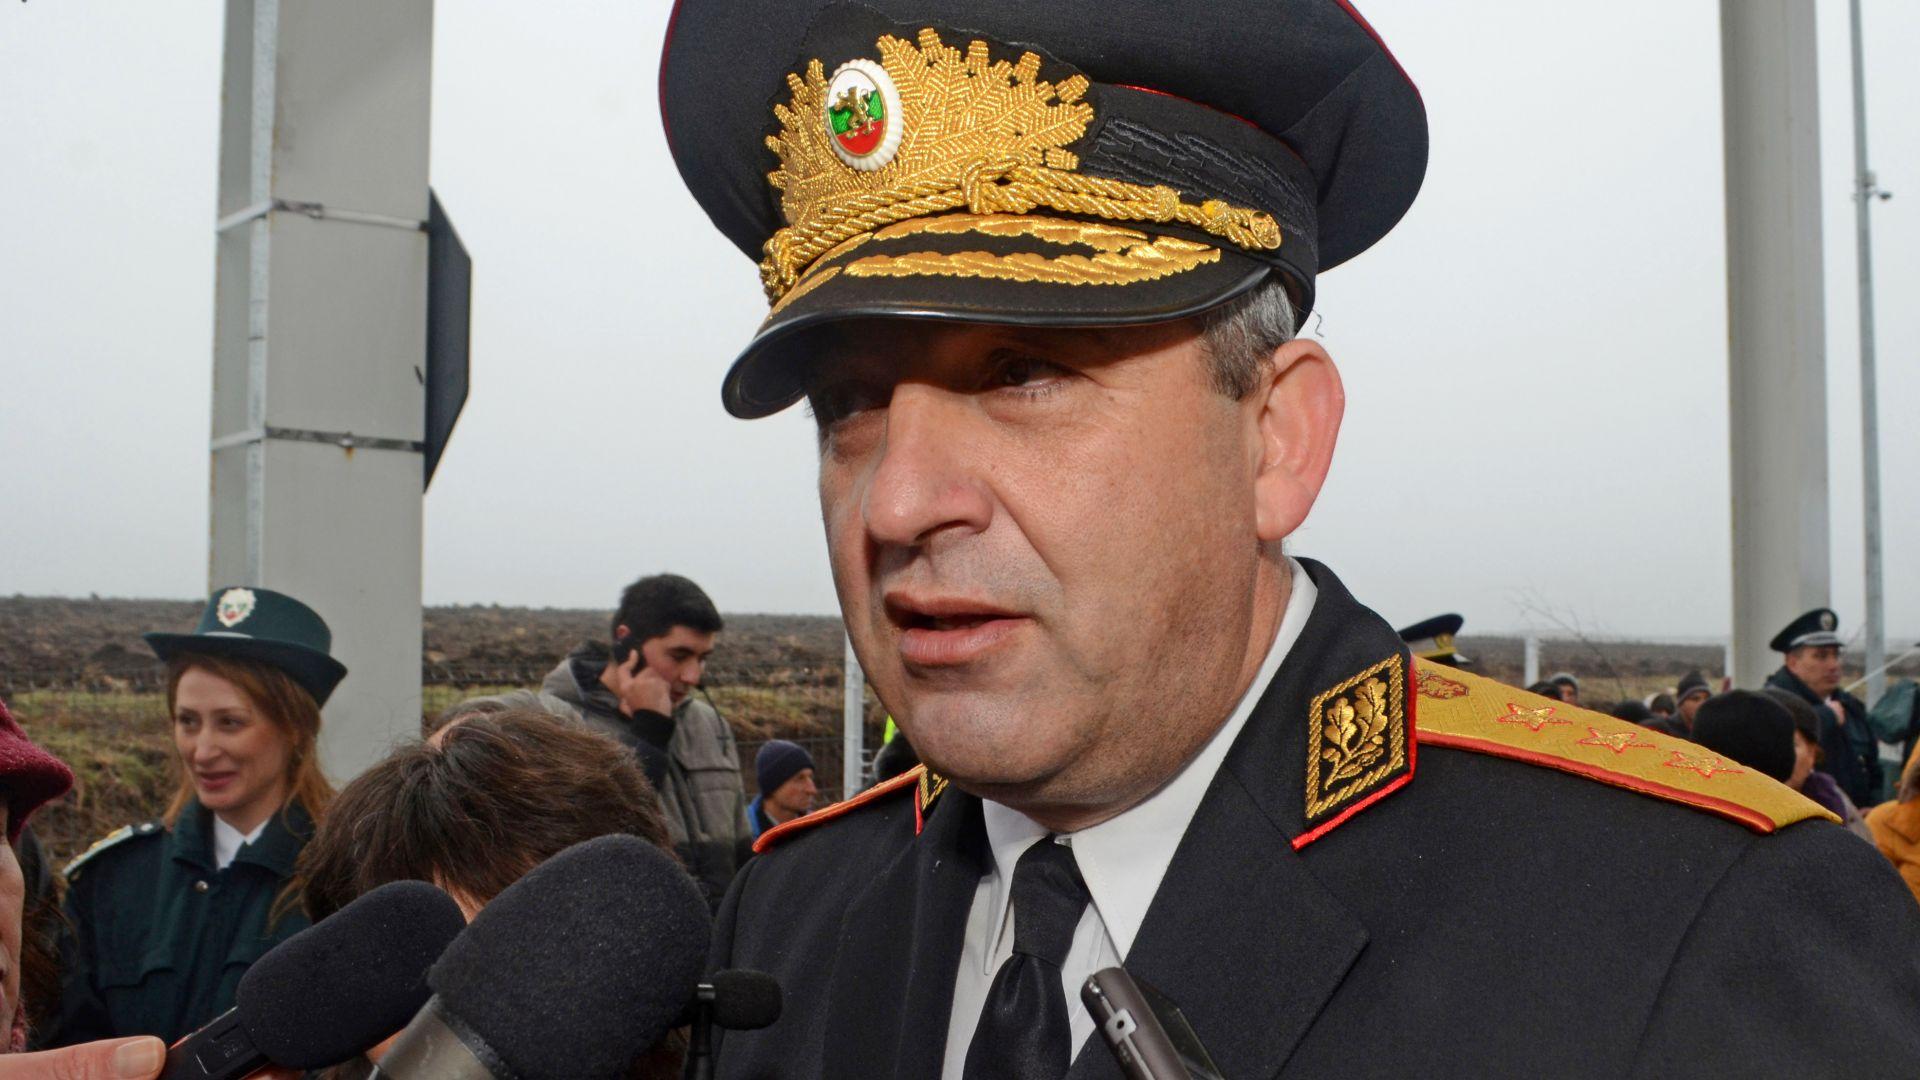 """Шефът на """"Гранична полиция"""" е във ВМА след катастрофата"""